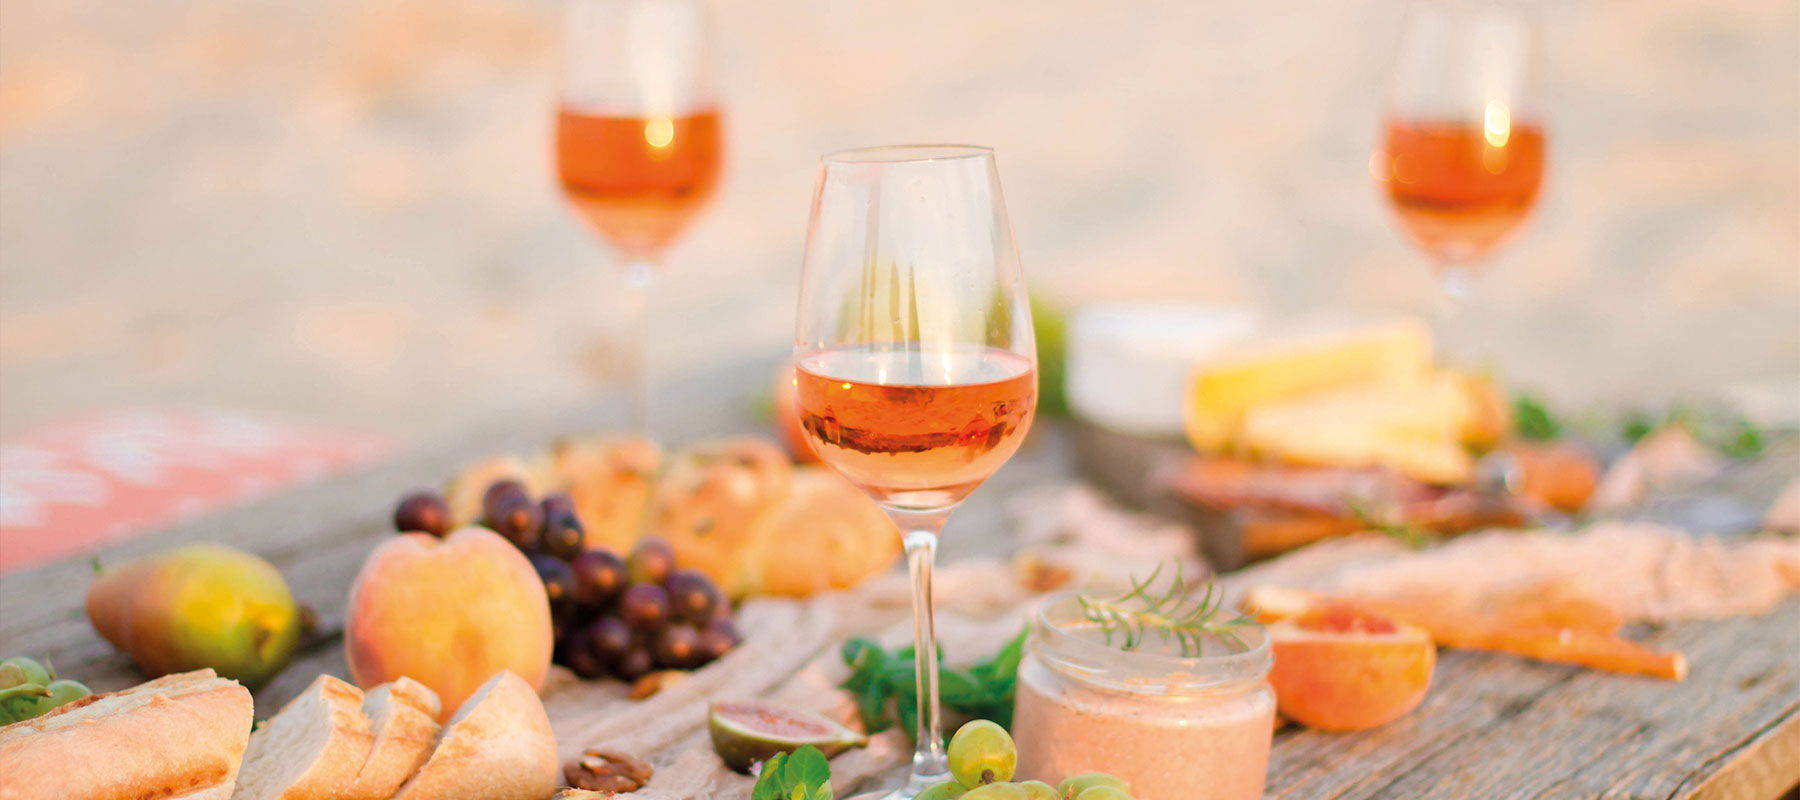 Wijn van de maand juli 2020: Paul Mas Le Rosé Pays d'Oc